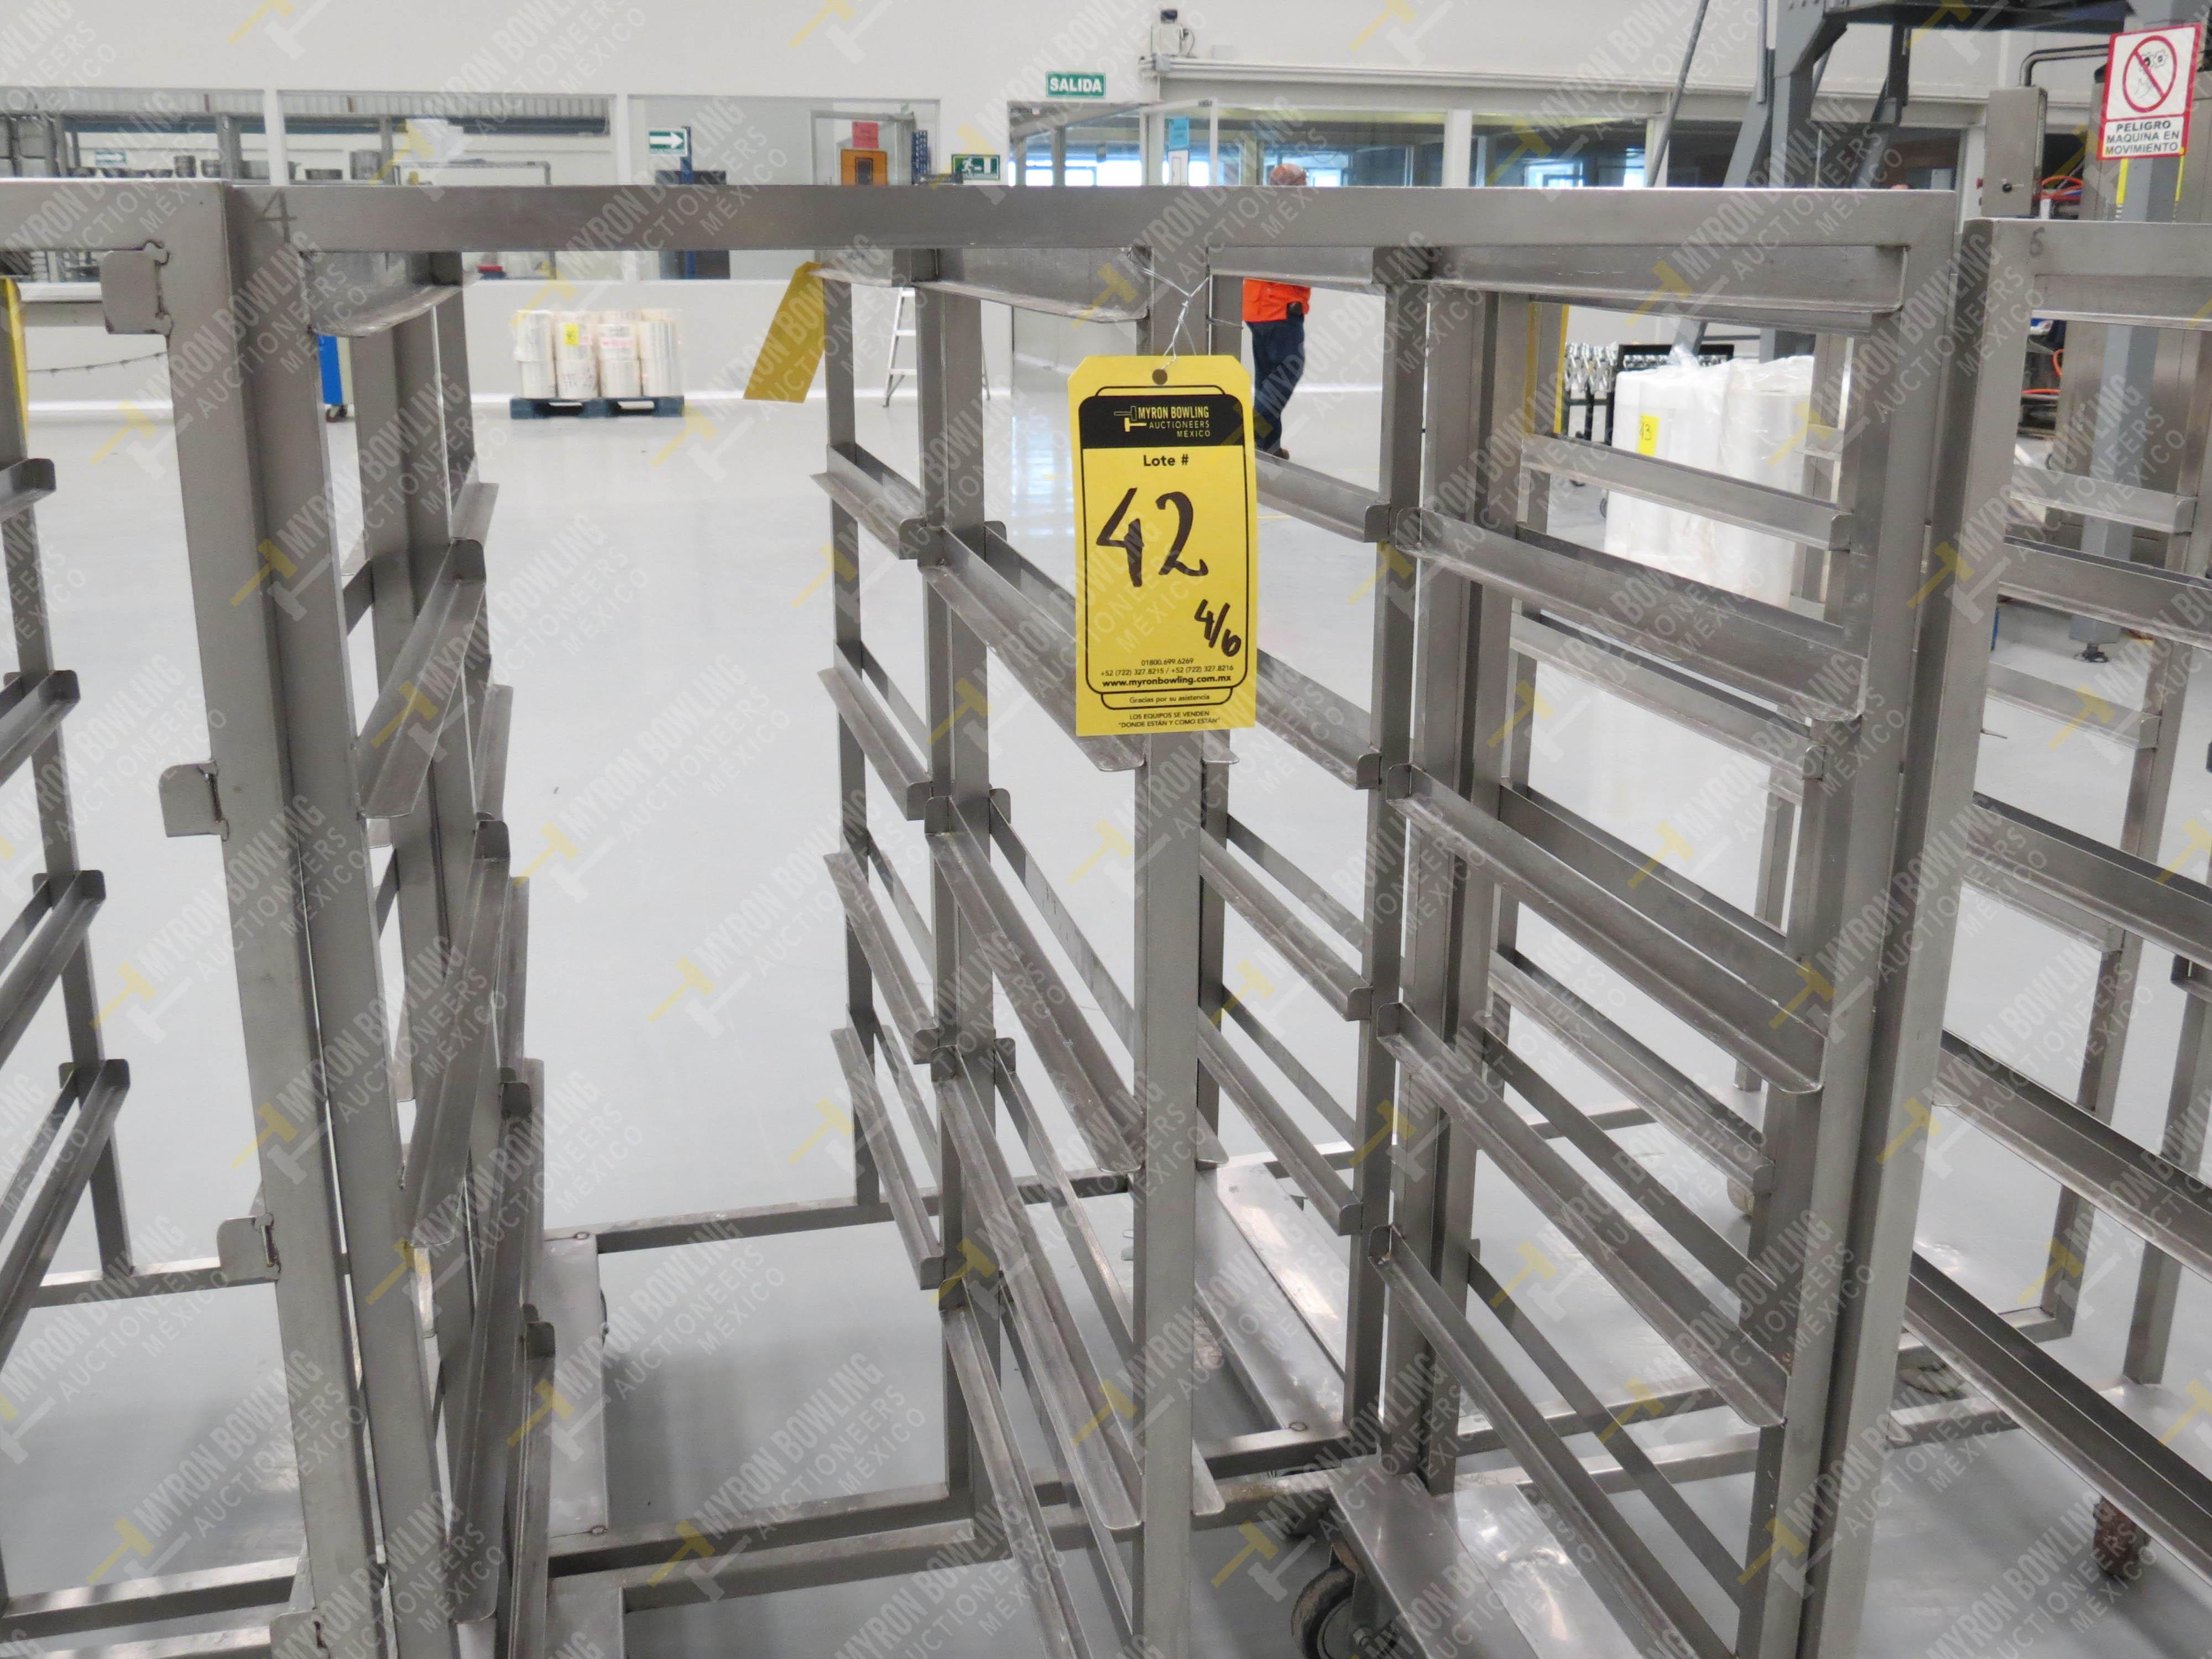 Túnel de congelación de alimentos marca Criocabin, Modelo G130020, No. de Serie 29535666 … - Image 9 of 12